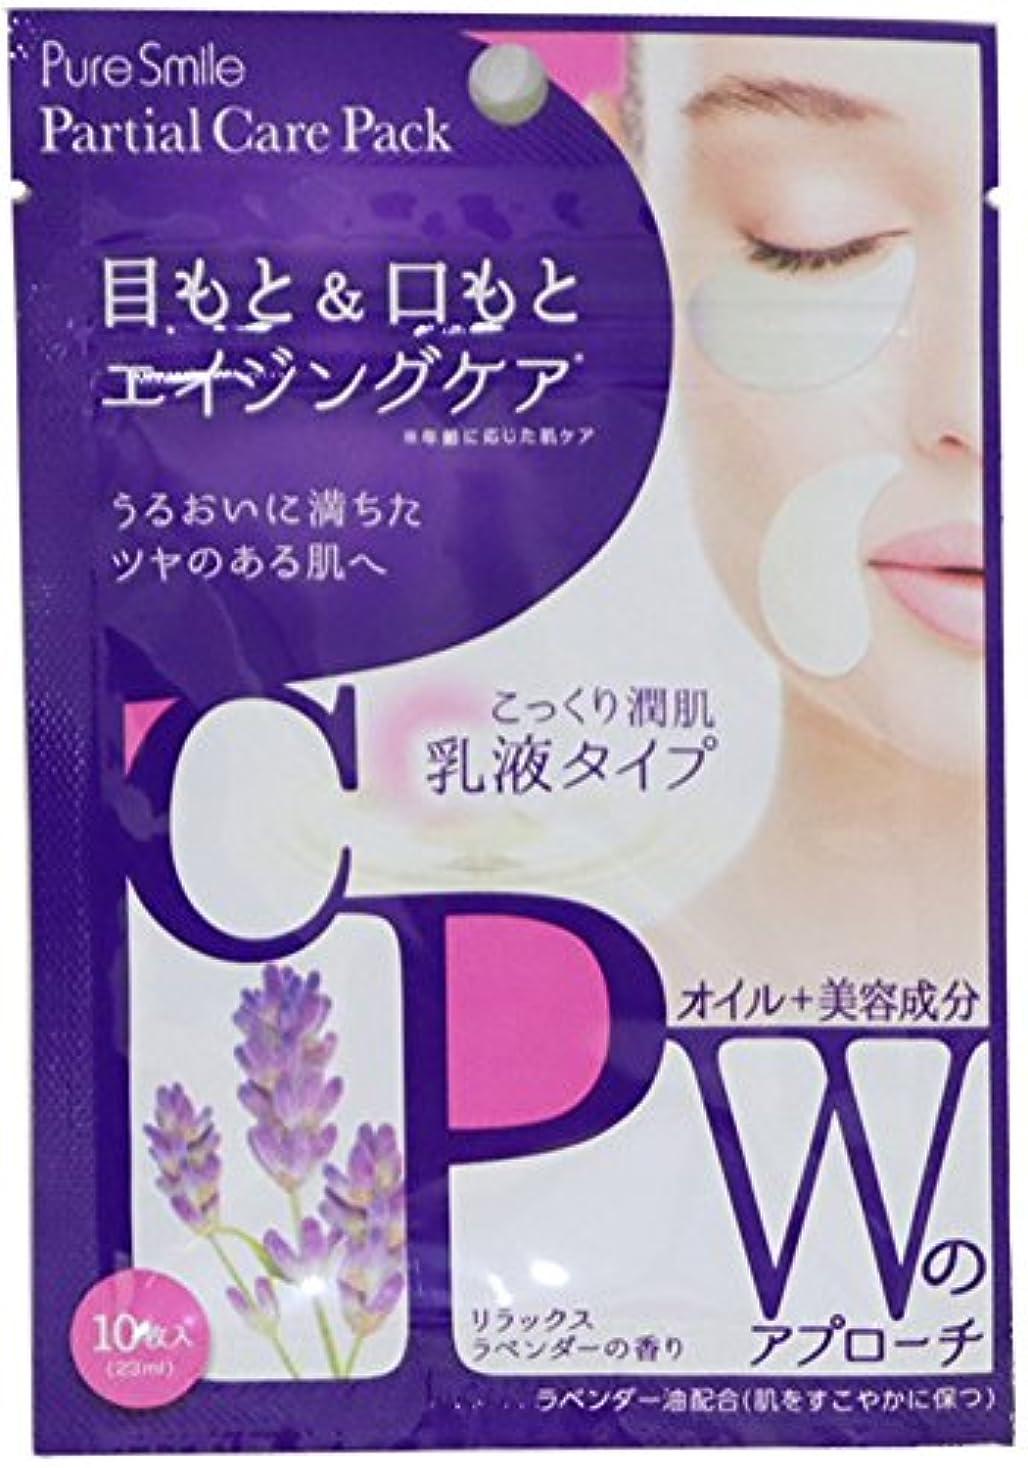 高度な滑りやすい毒性PureSmile(ピュアスマイル) 目もと口もと集中パック 『Partial Care Pack/パーシャルケアパック(10枚入り)』(乳液タイプ)